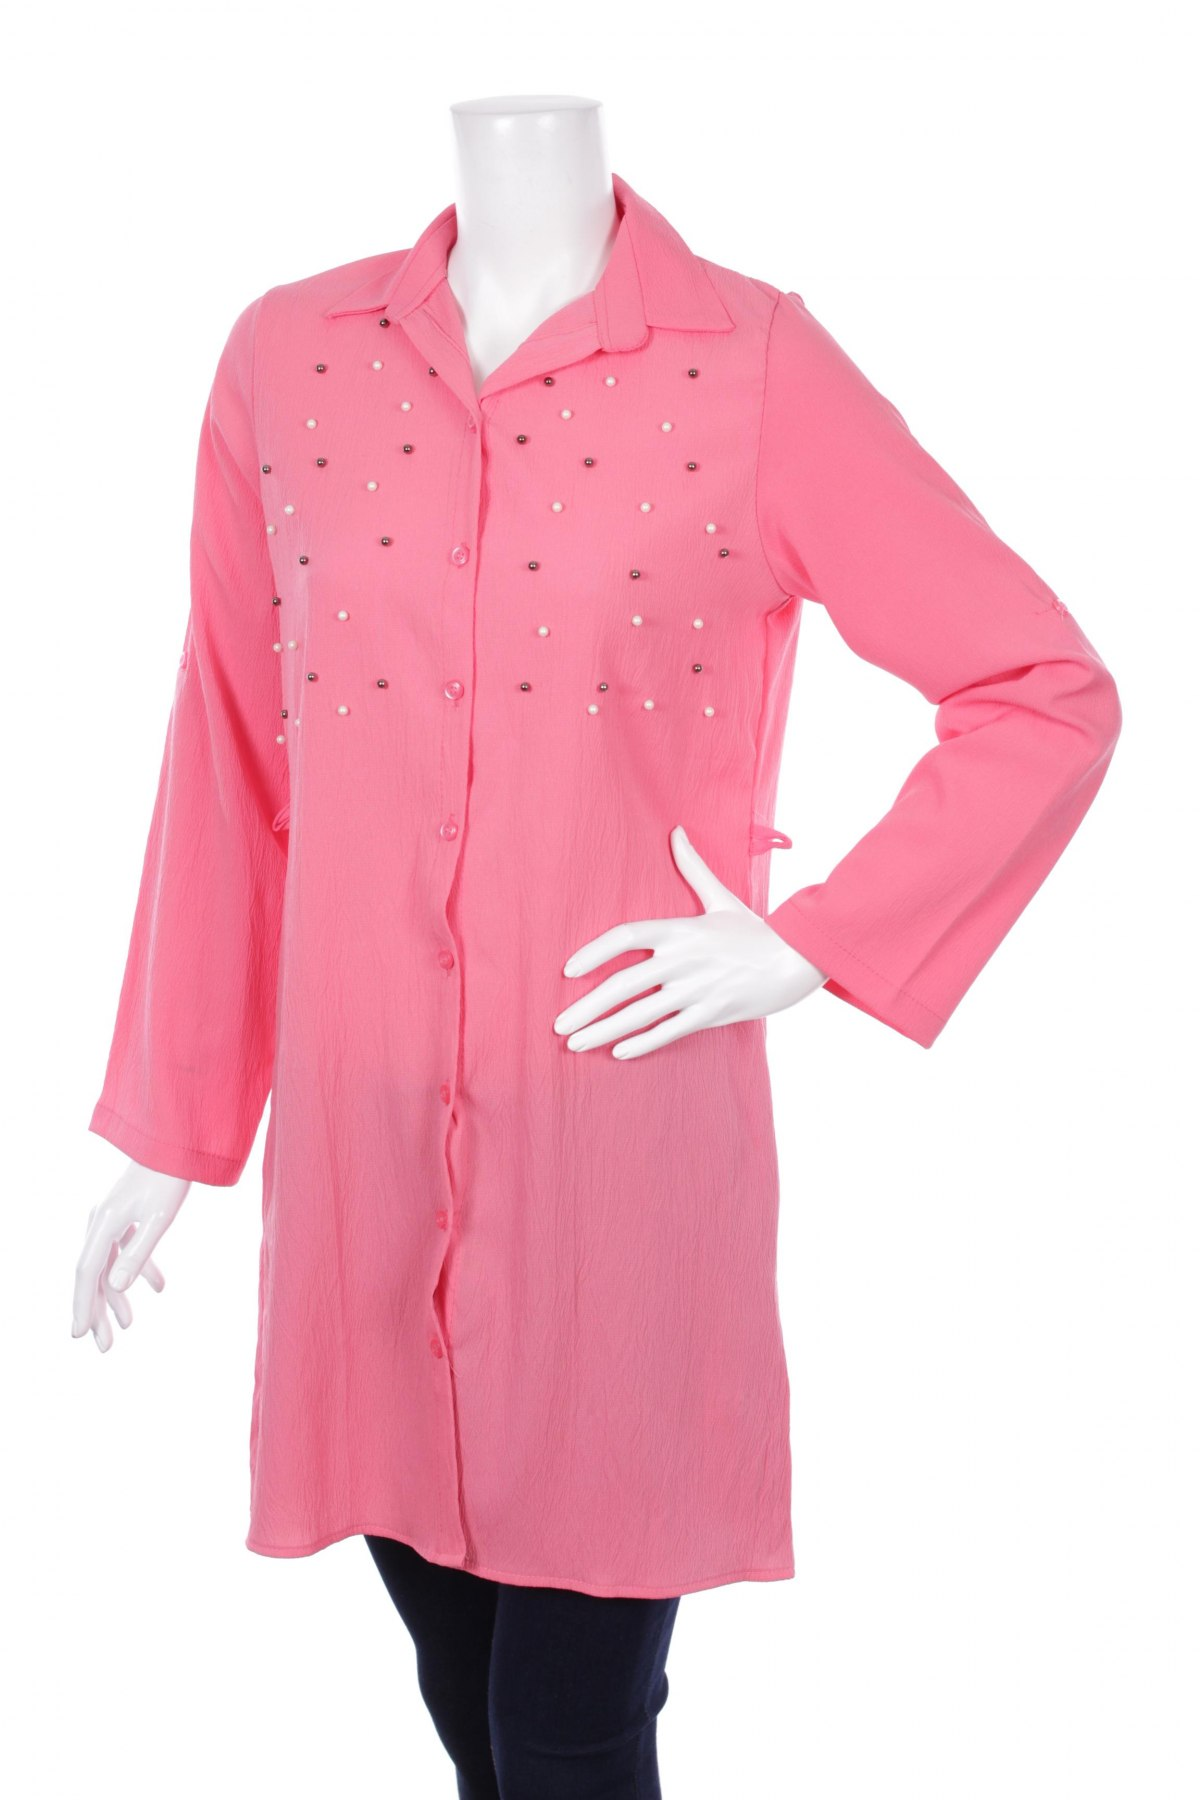 Γυναικείο πουκάμισο Red Queen, Μέγεθος S, Χρώμα Ρόζ , 50% βαμβάκι, 50% ελαστάνη, Τιμή 24,23€